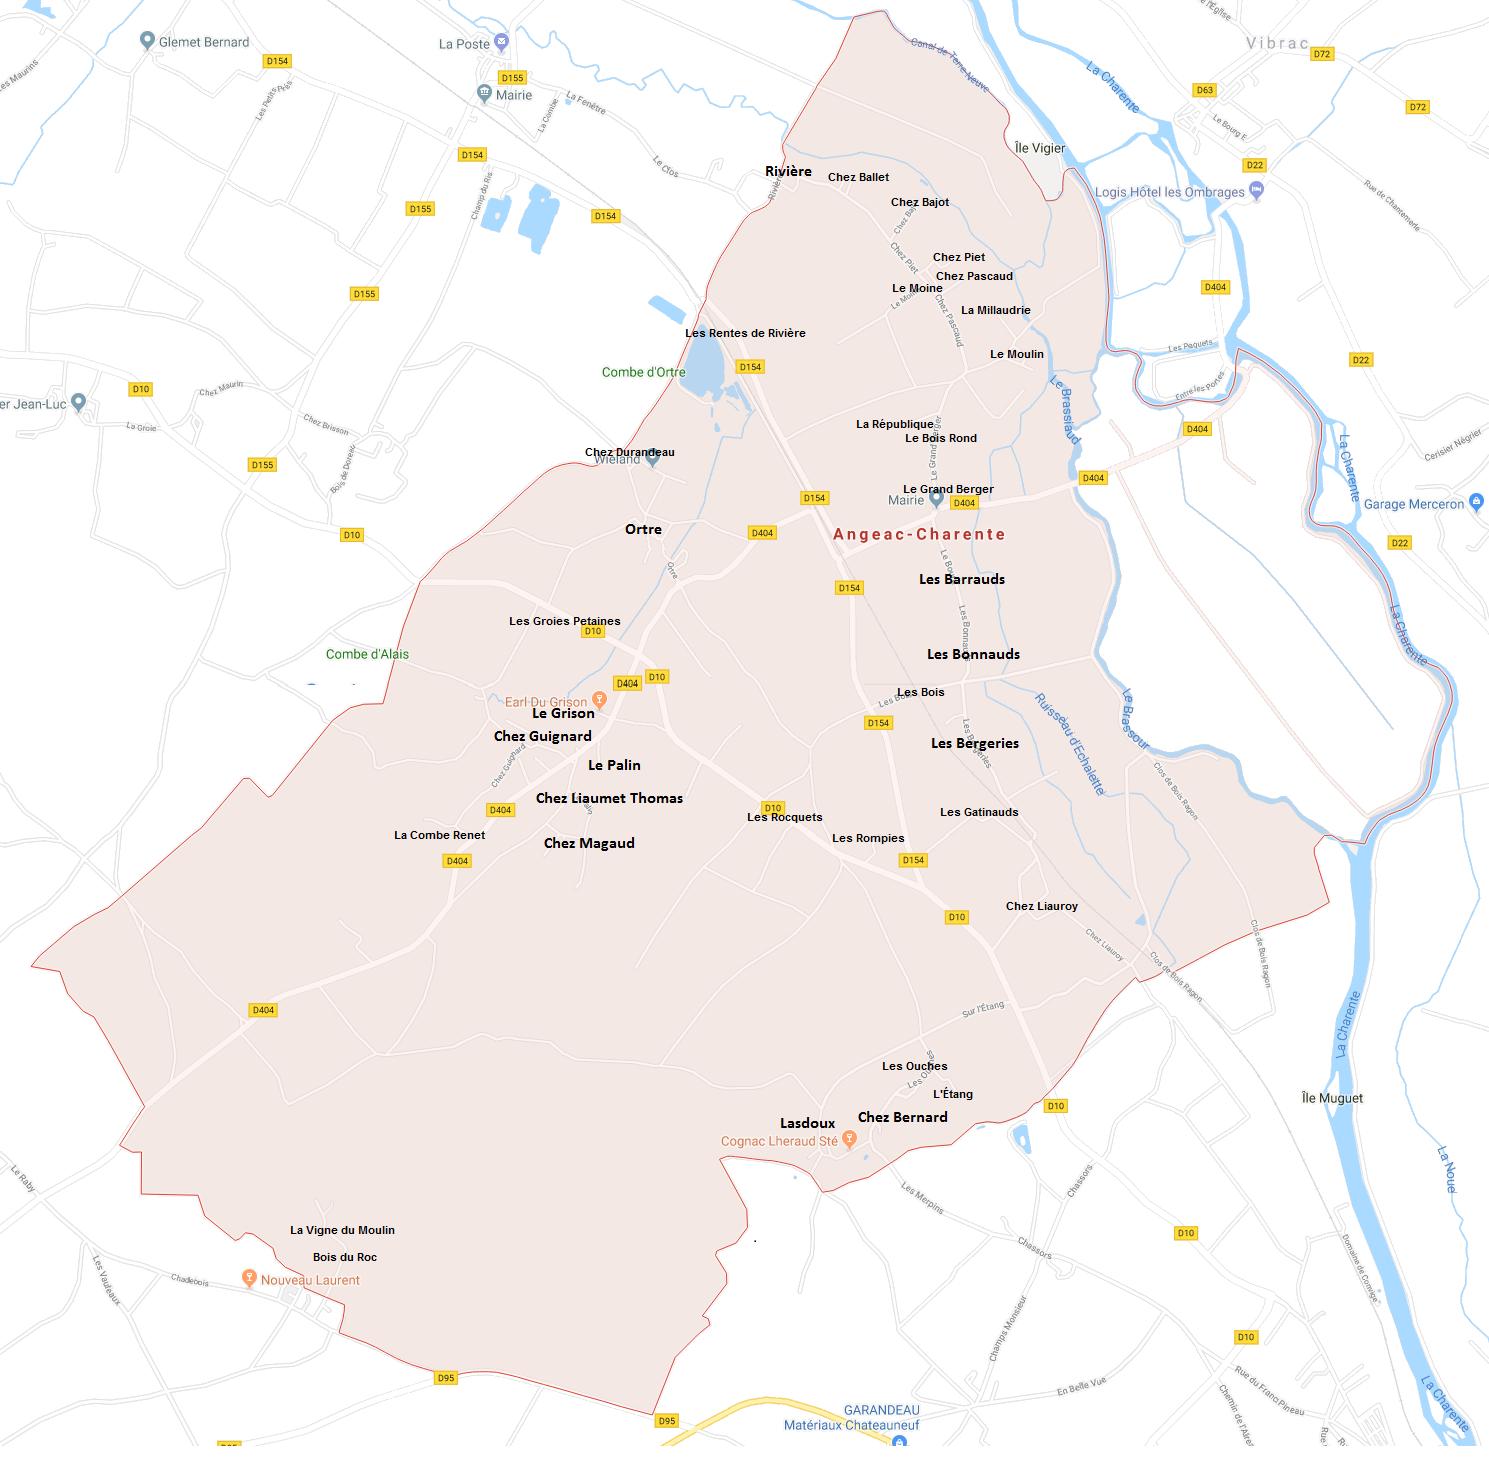 Hameaux d'Angeac-Charente